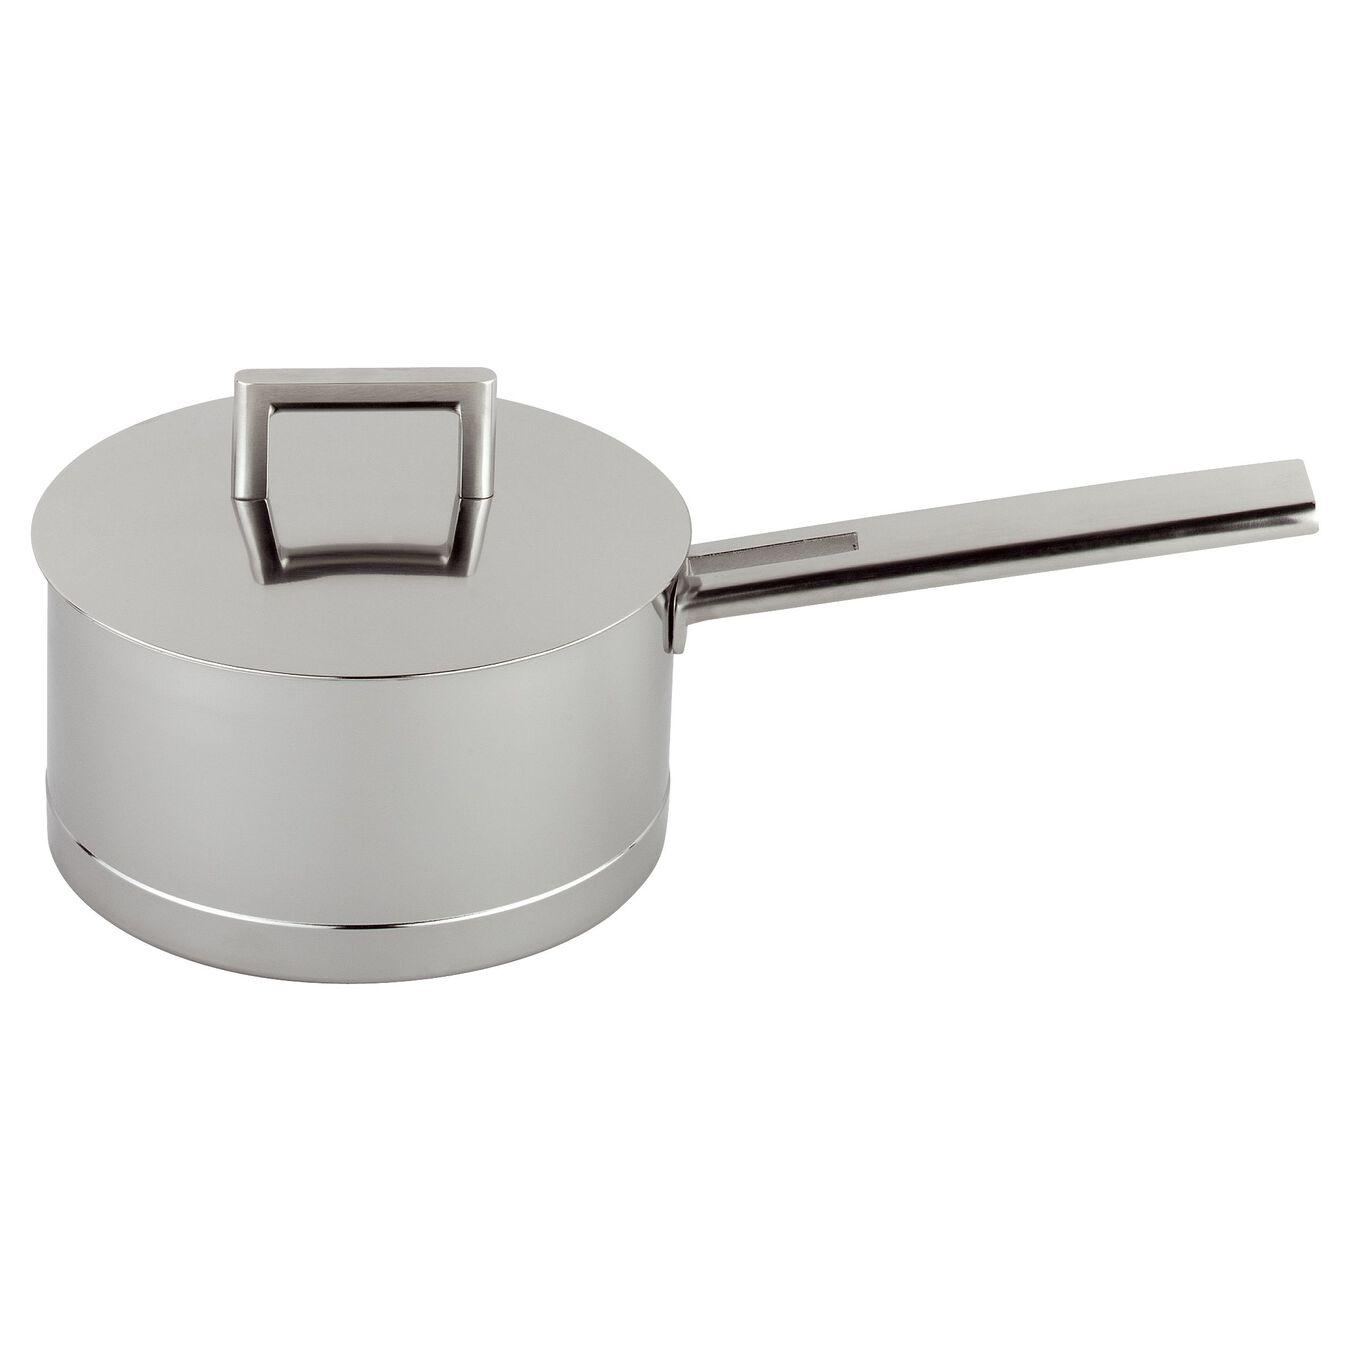 Casseruola con manico con coperchio - 14 cm, 18/10 acciaio inossidabile,,large 1